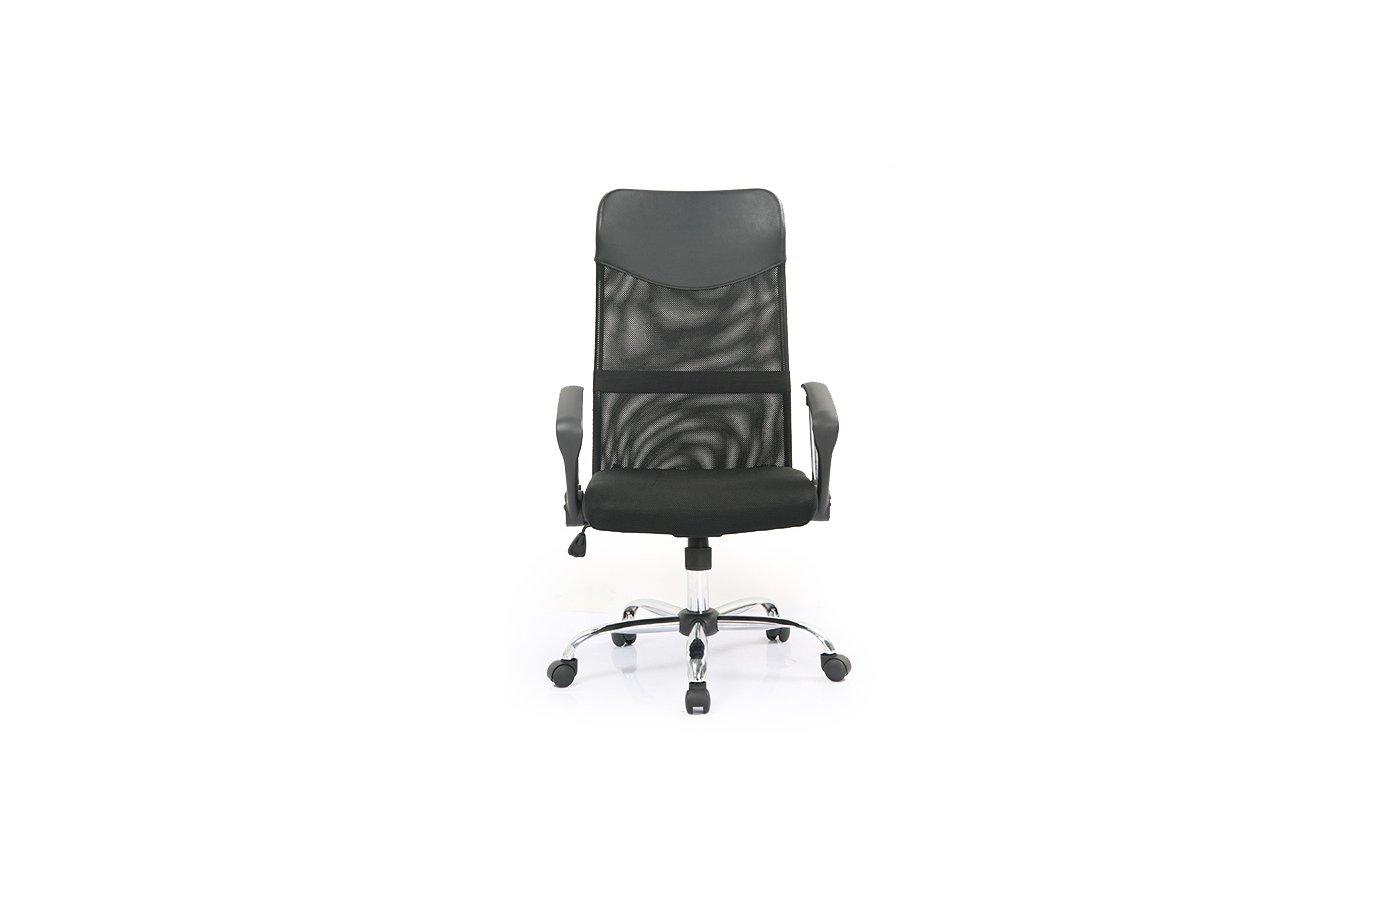 College Кресло руководителя H-935L-2 Черный, ткань сетчатый акрил, 120 кг, крестовина хром/металл, п